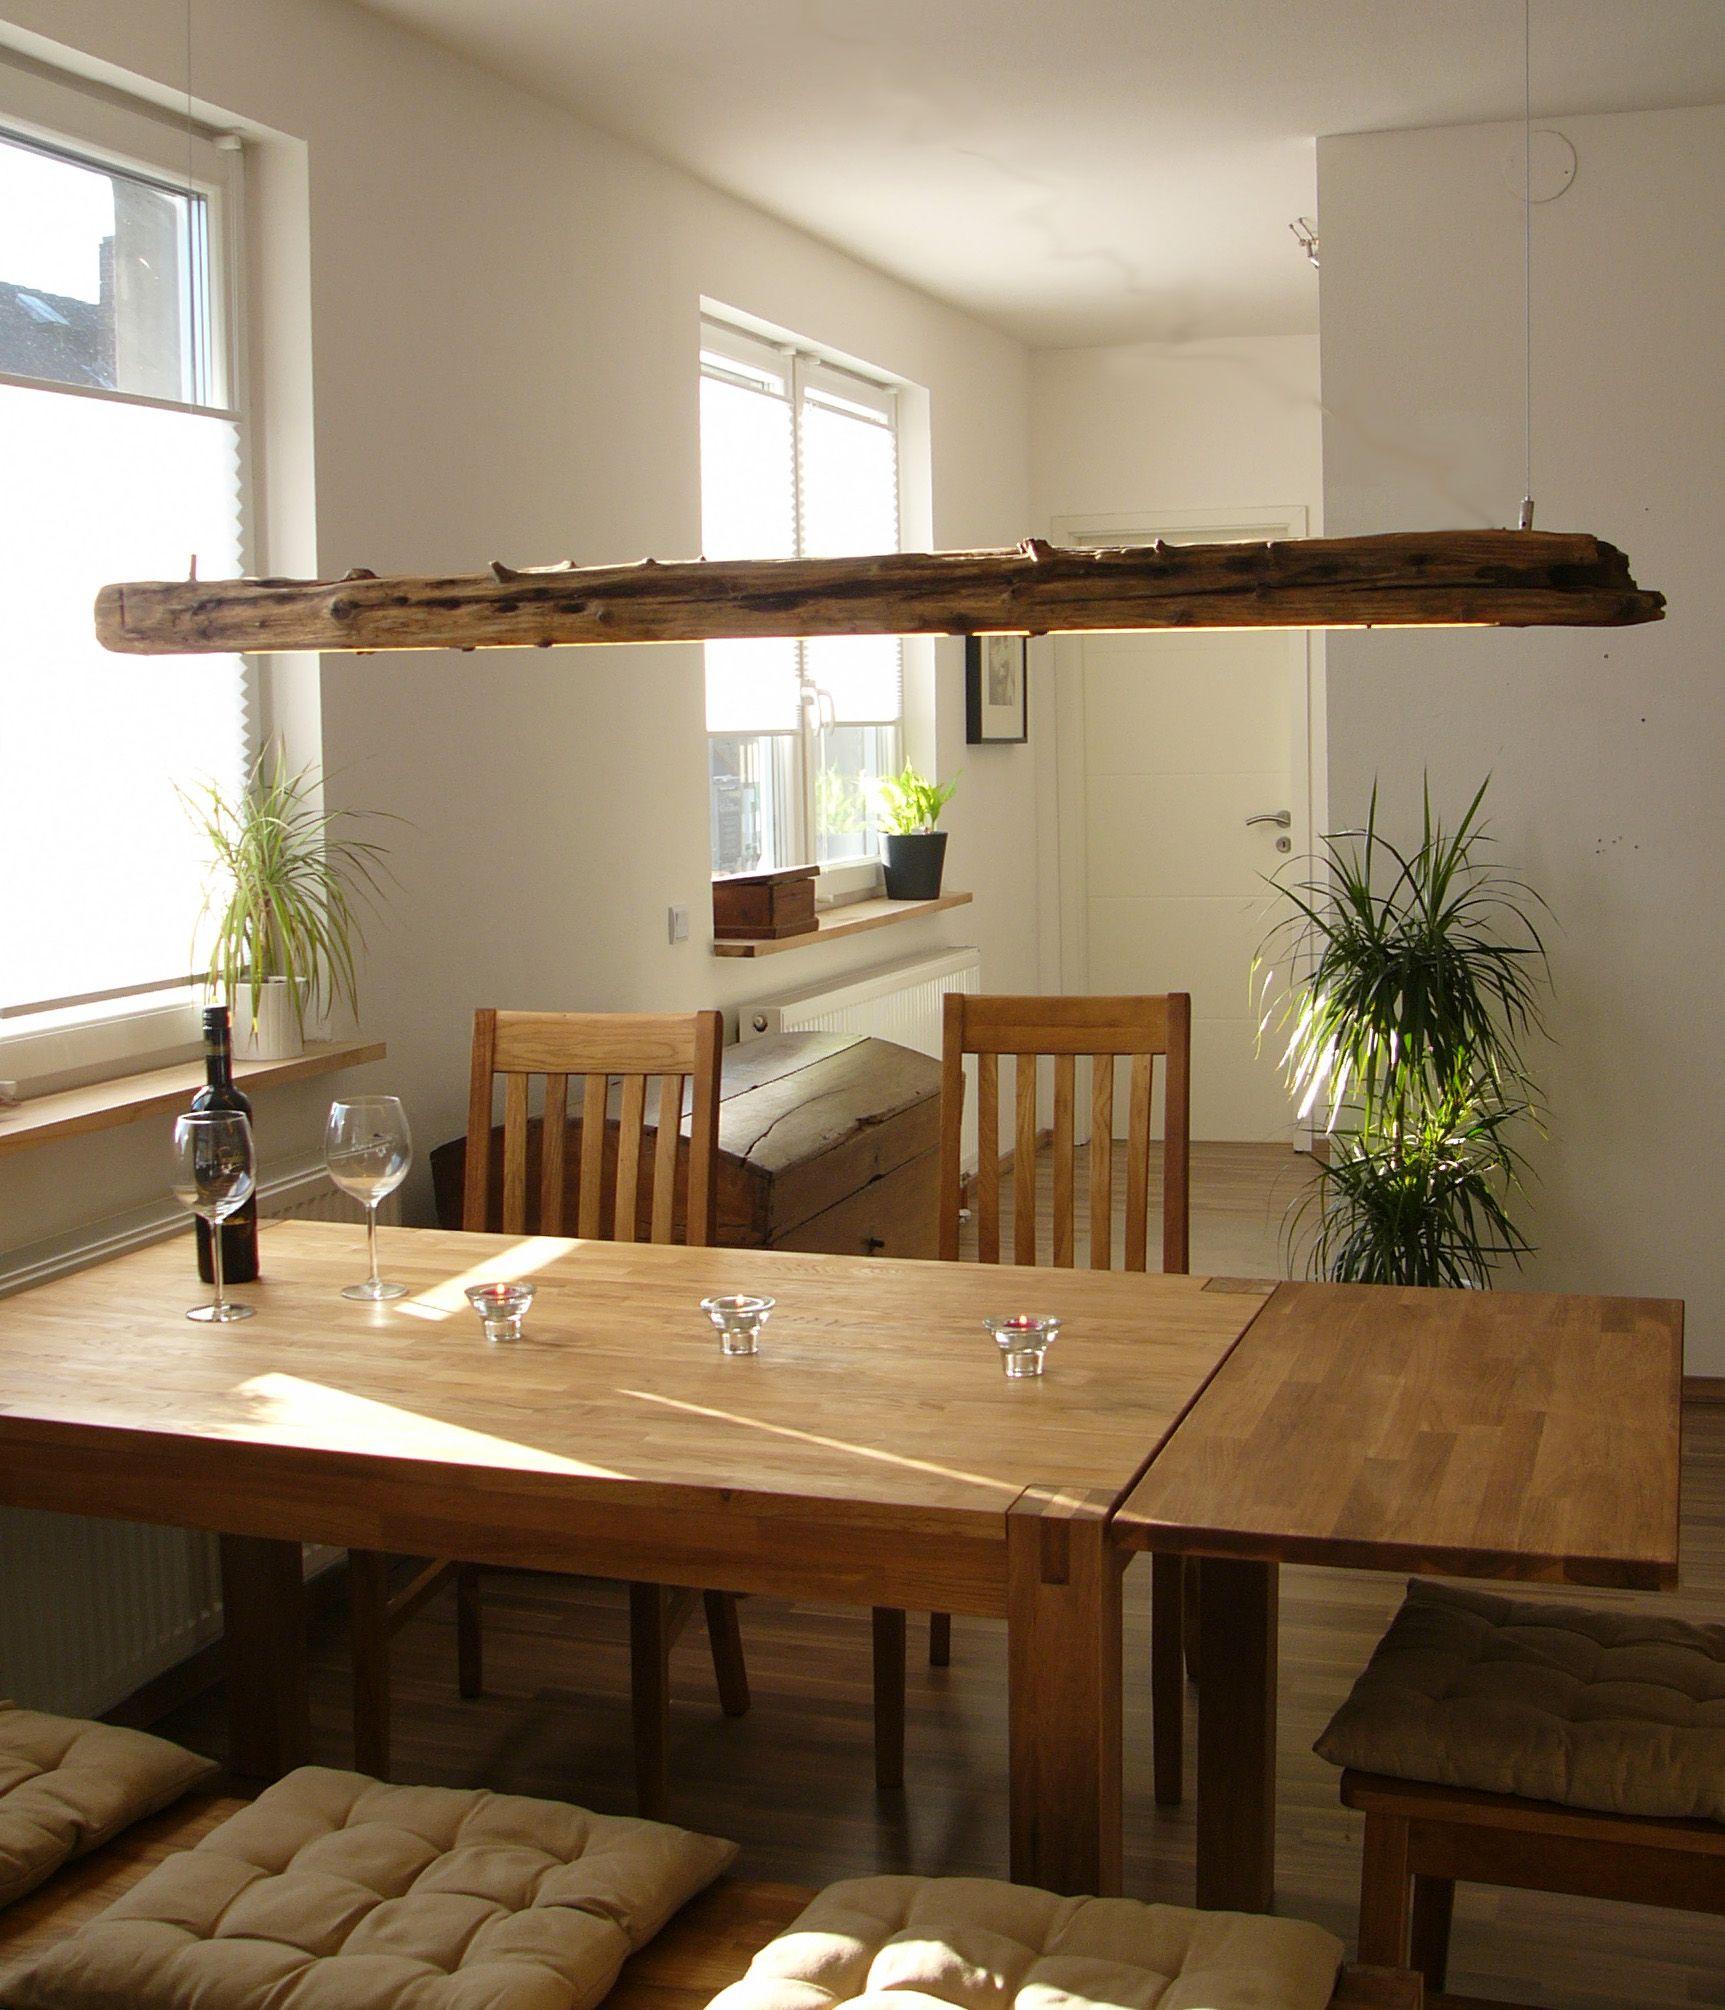 Full Size of Wohnzimmer Lampe Selber Bauen Indirekte Beleuchtung Leuchte Selbst Machen Led Holz Bild Von Auf Rustikale Schlafzimmer Moderne Deckenleuchte Vorhänge Lampen Wohnzimmer Wohnzimmer Lampe Selber Bauen